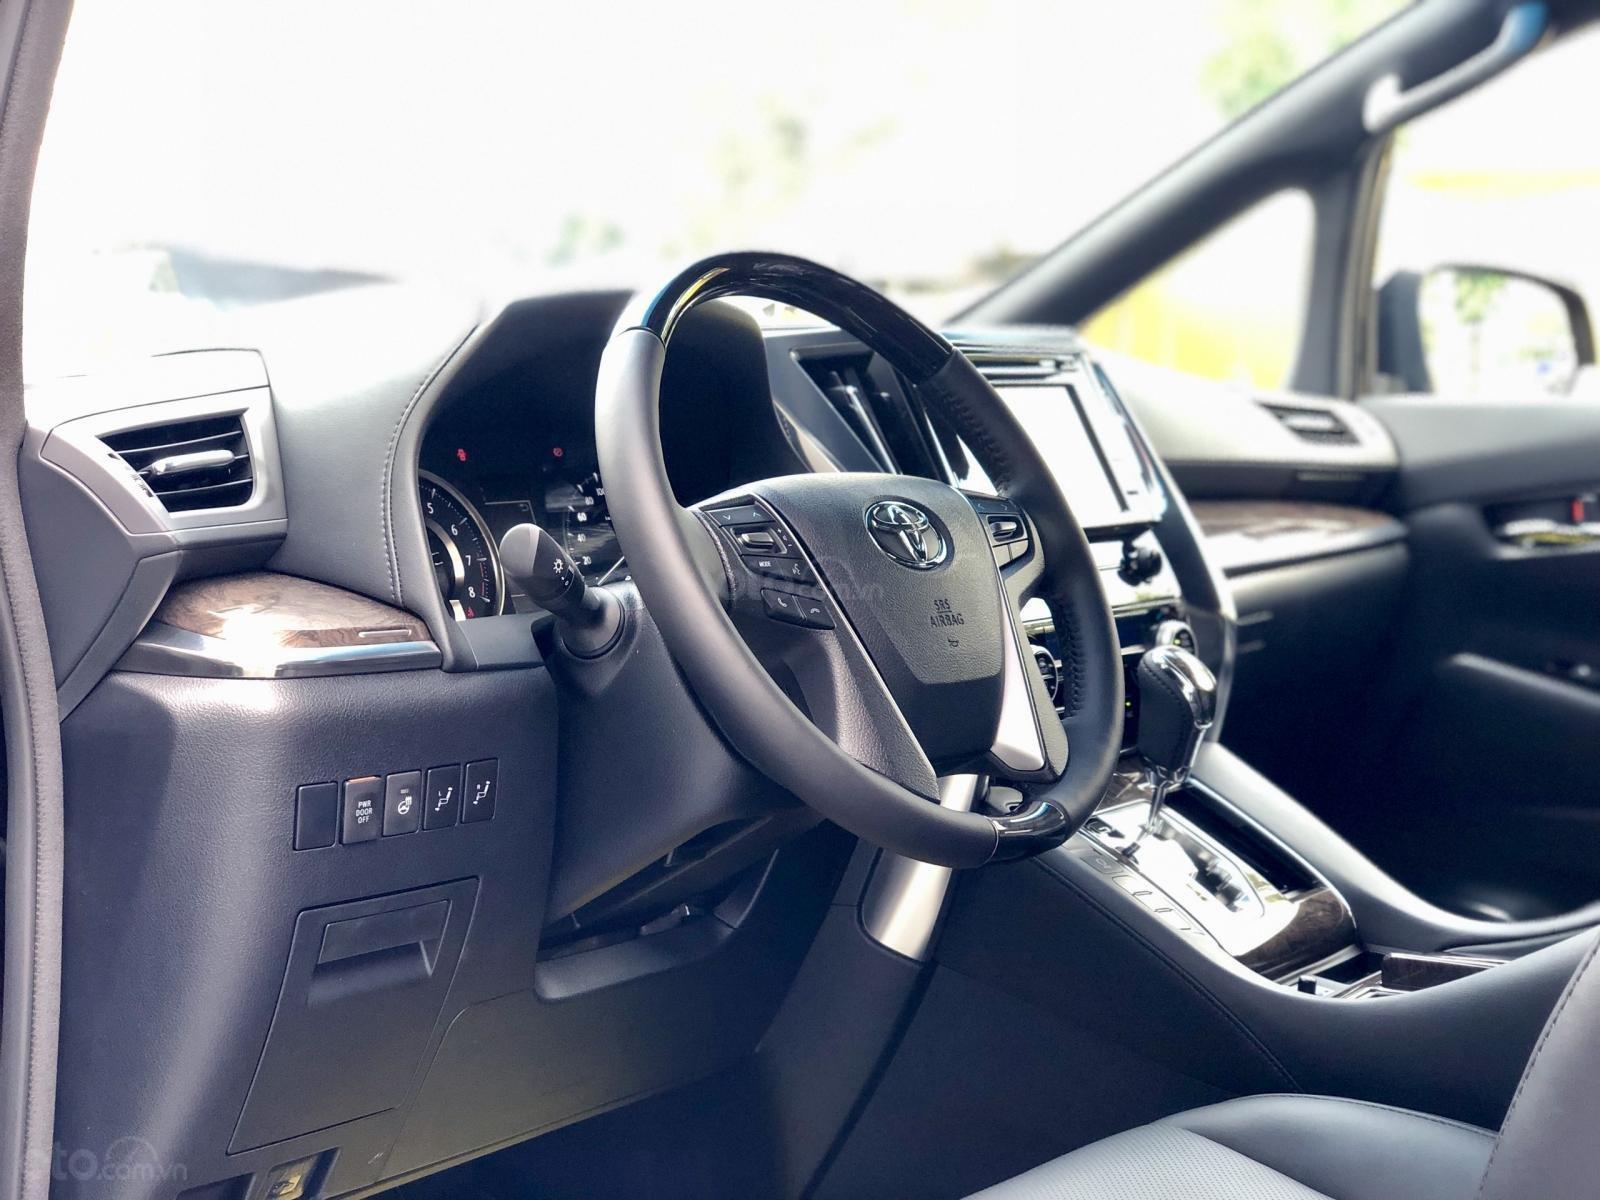 Giao ngay Toyota Alphard Excutive Lounge 2019, xe mới có sẵn ở showroom, LH Ms. Hương 094.539.2468 (5)